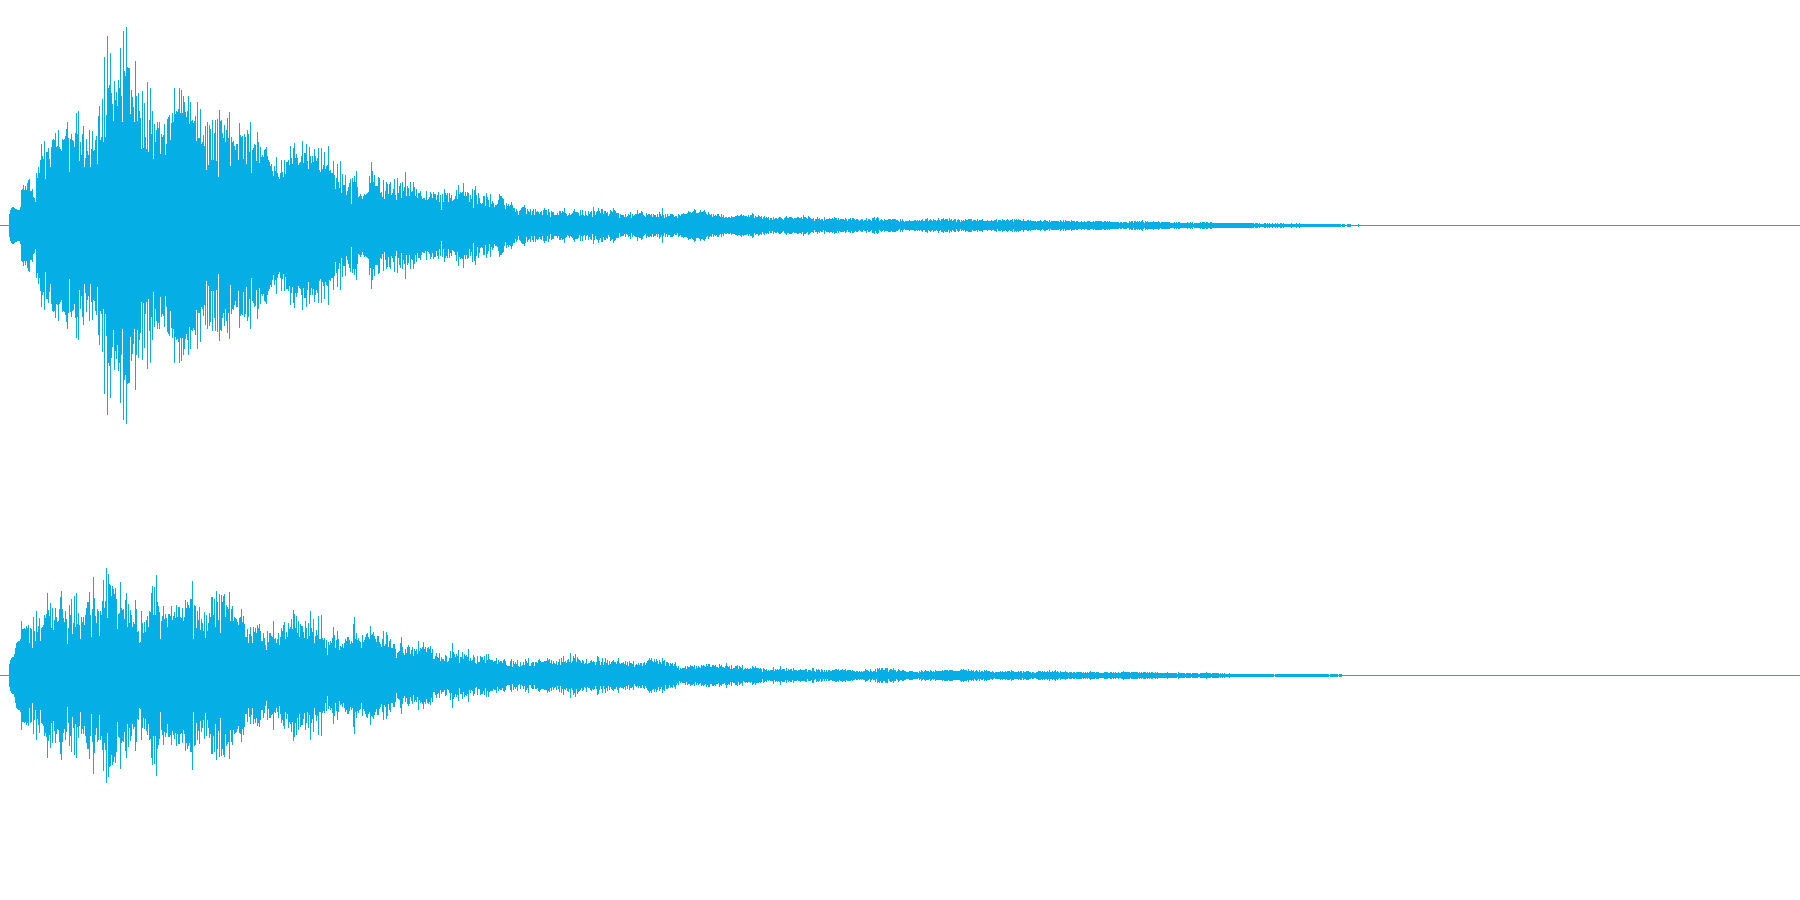 明るいテロップ音 ボタン音 決定音!01の再生済みの波形